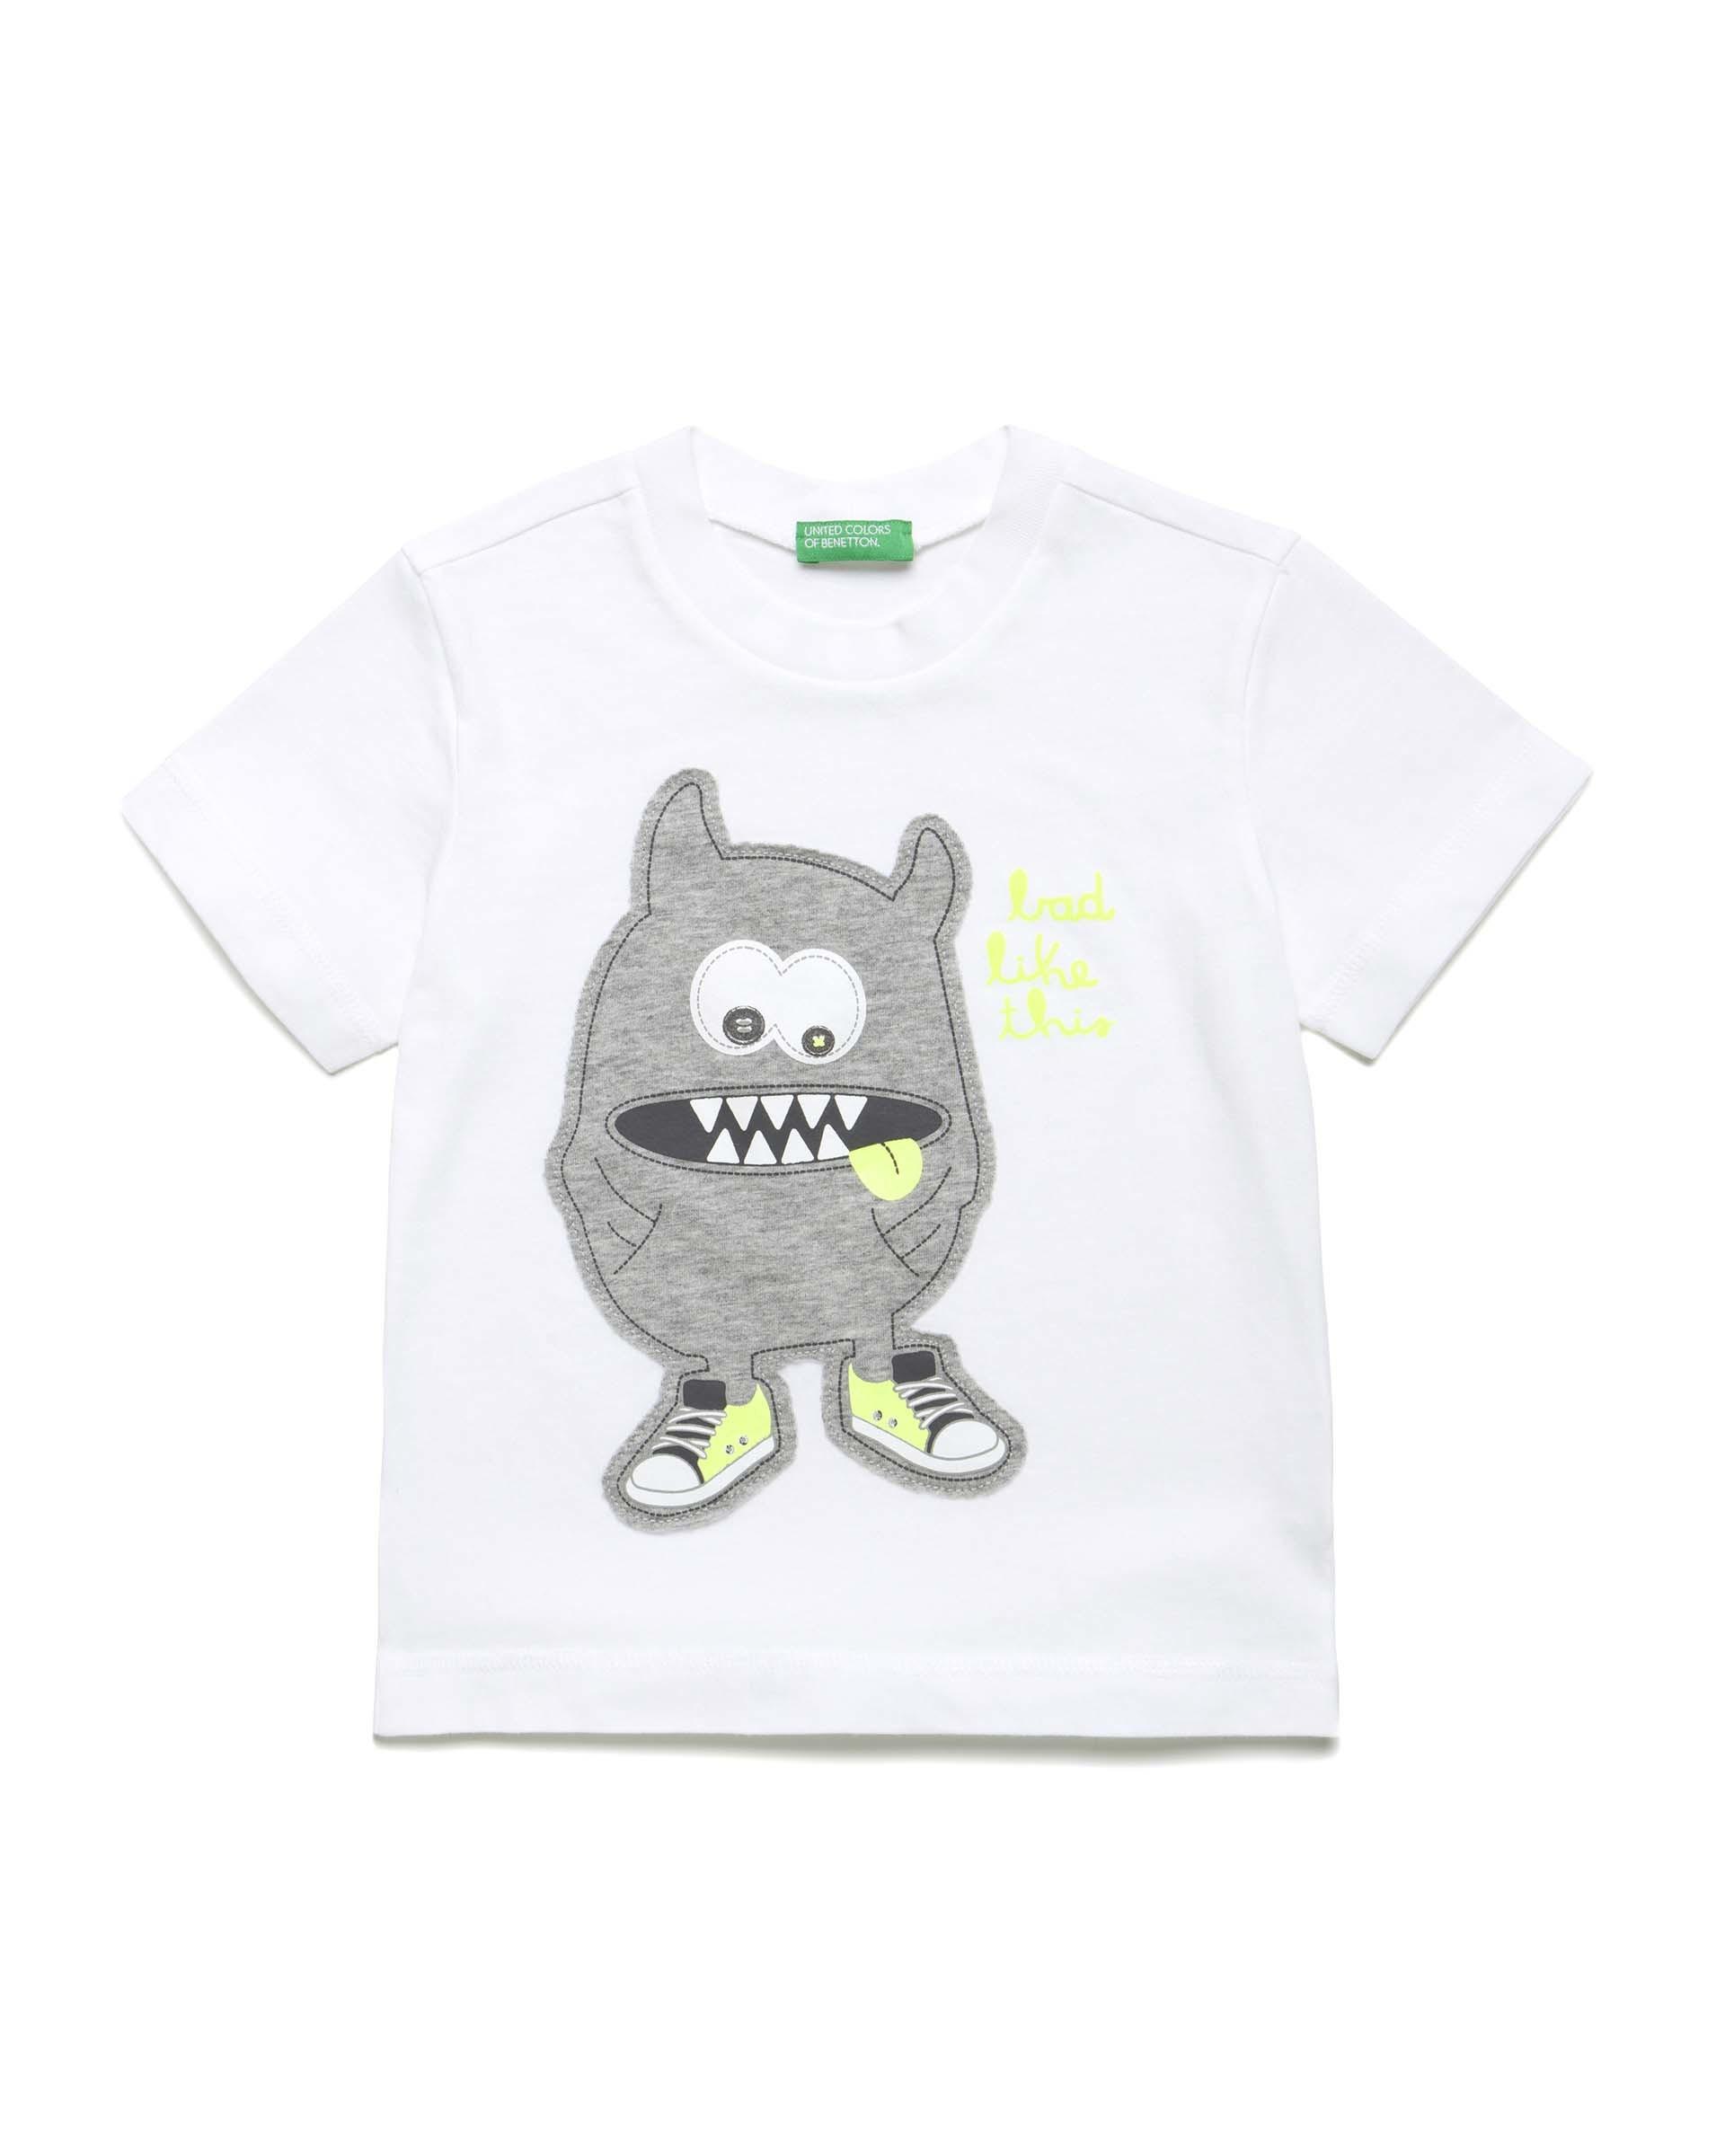 Купить 20P_3096C1AYP_101, Футболка для мальчиков Benetton 3096C1AYP_101 р-р 92, United Colors of Benetton, Кофточки, футболки для новорожденных